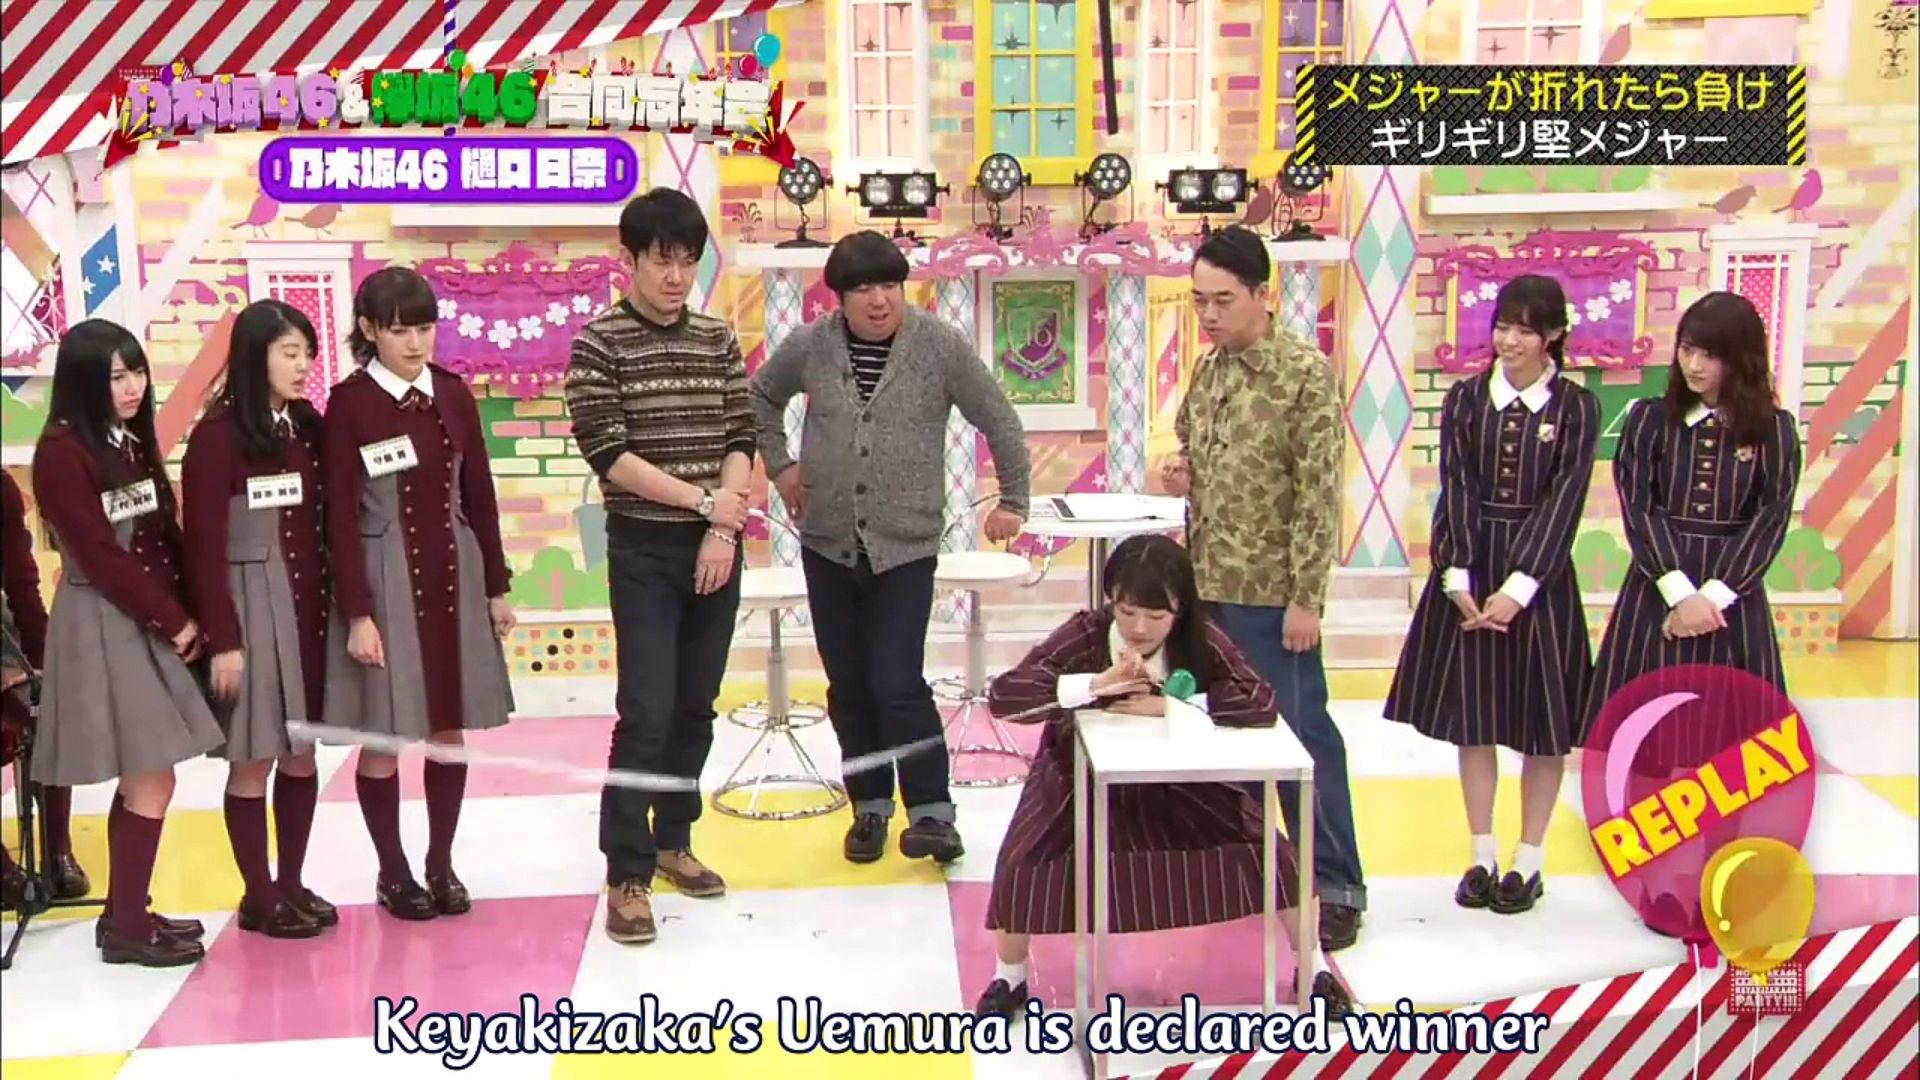 Nogizaka Under Construction 1 Hour SP: Nogizaka46 & Keyakizaka46 combined  year-end party 2016 12 29 (English Sub)